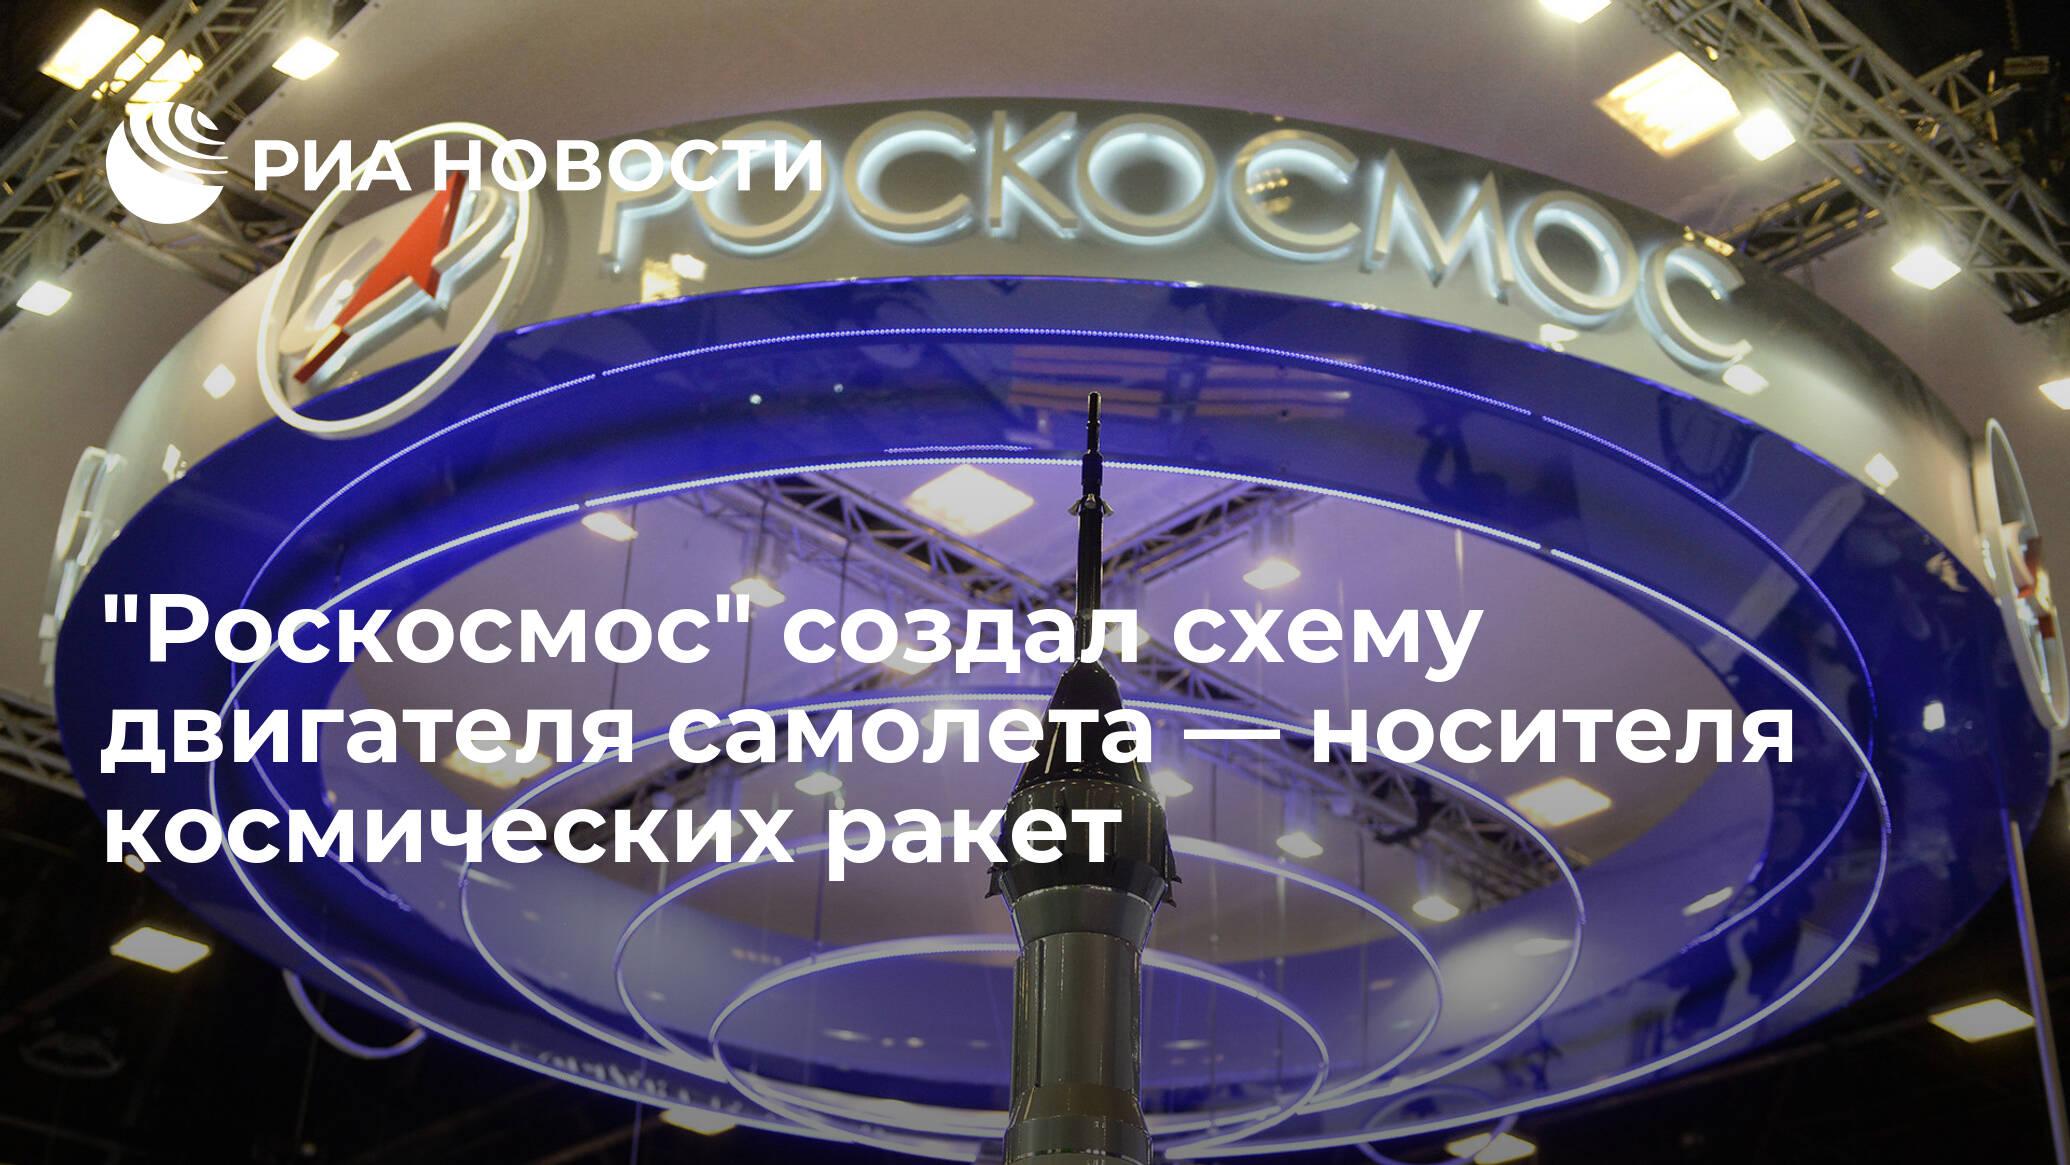 Роскосмос создал схему двигателя для самолета-носителя космических ракет